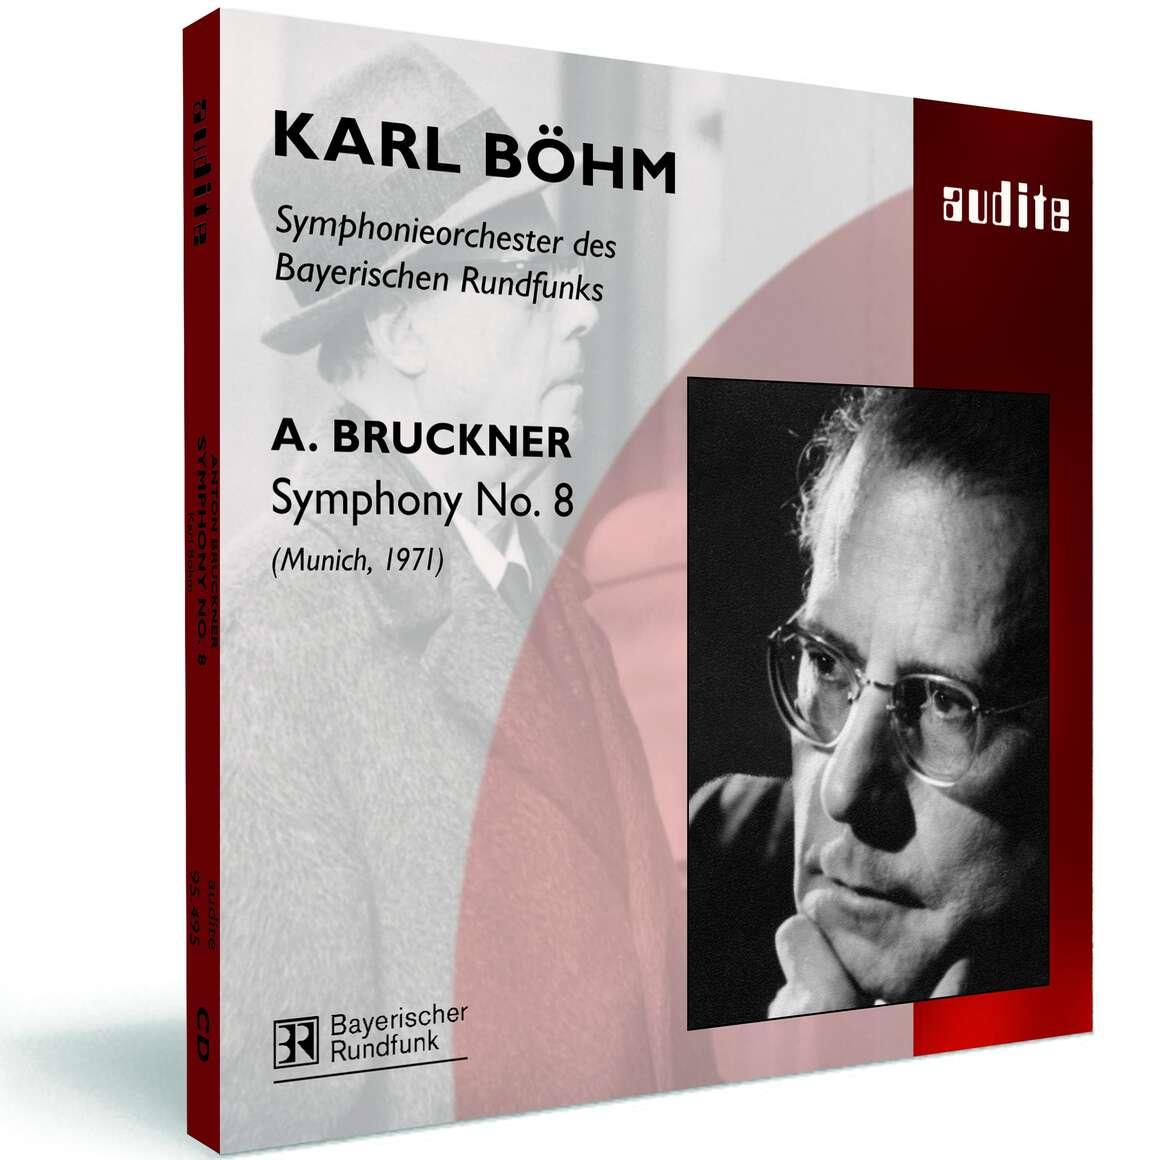 A. Bruckner: Symphony No. 8